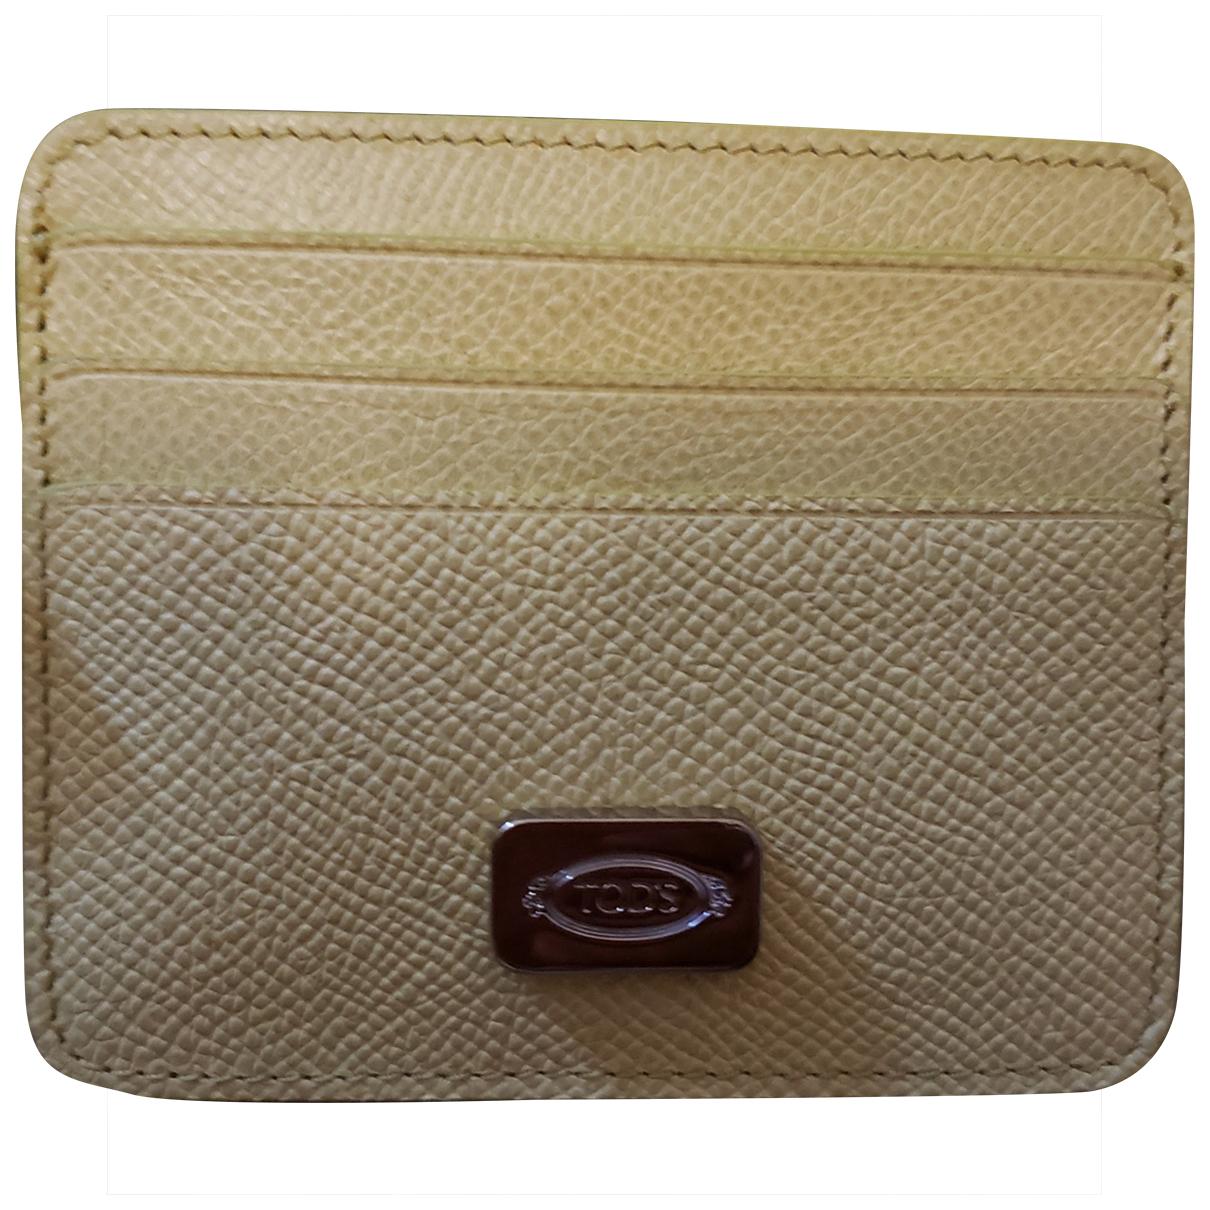 Tods - Portefeuille   pour femme en cuir - jaune